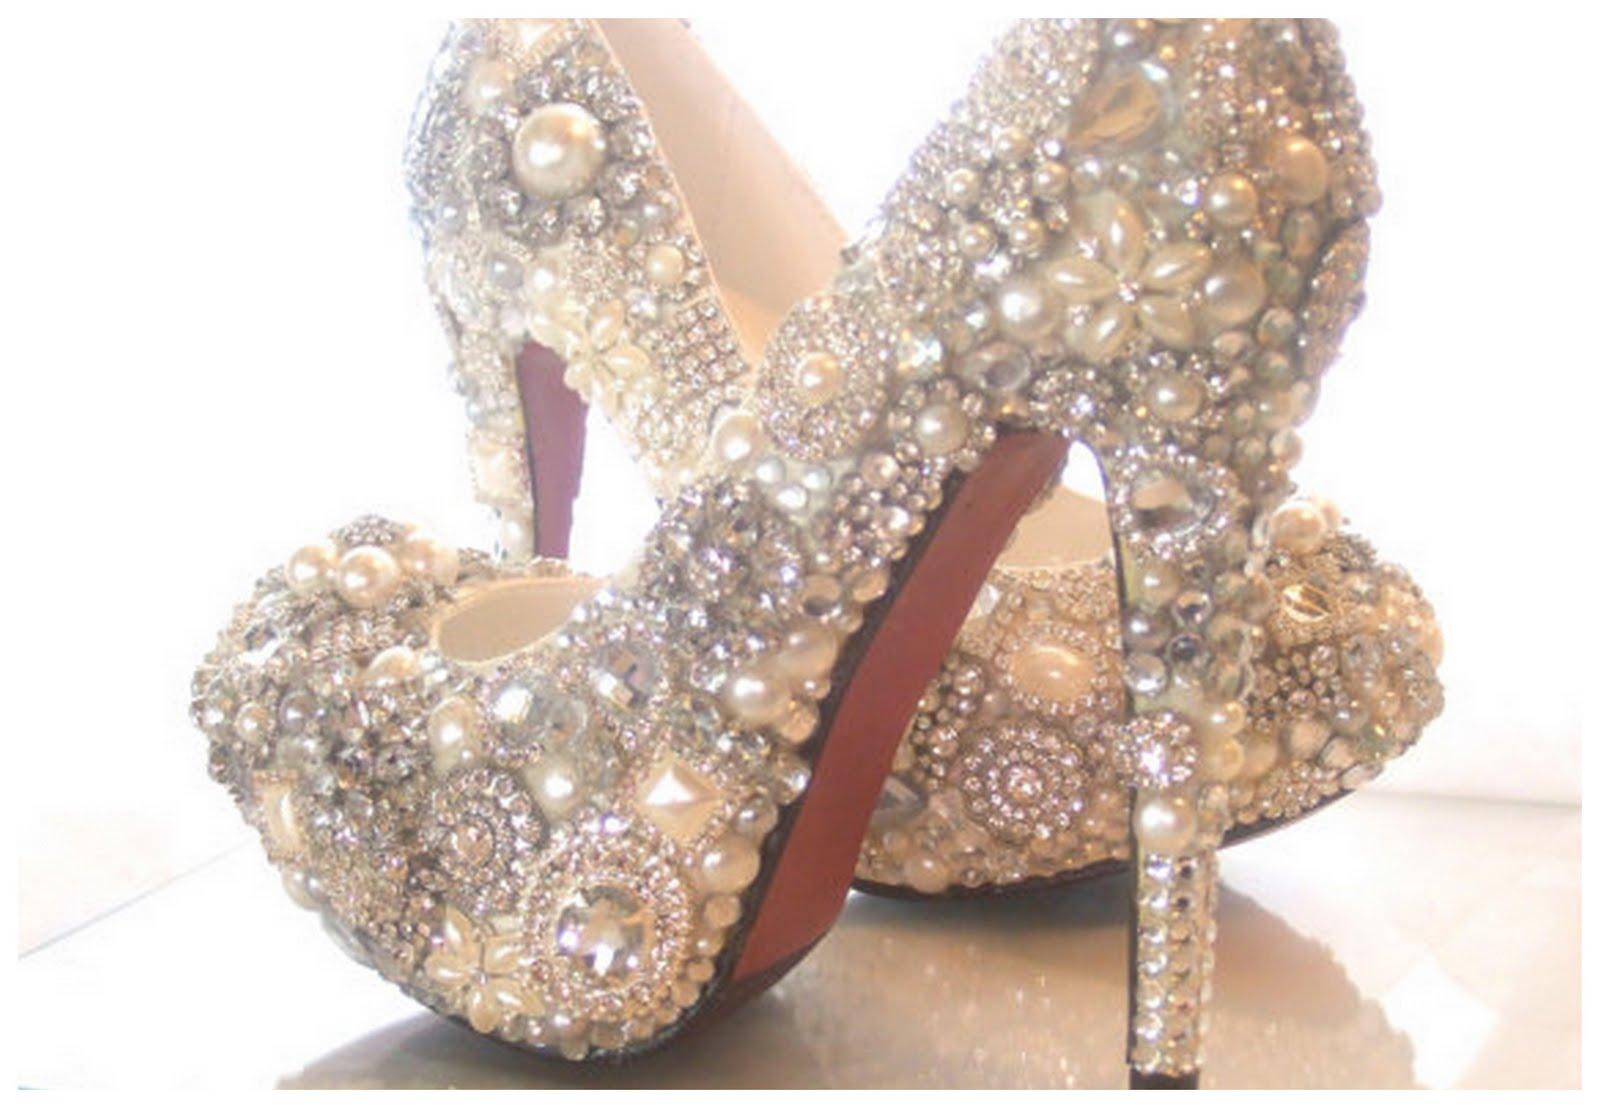 wedding blog uk wedding ideas before the big day shoes